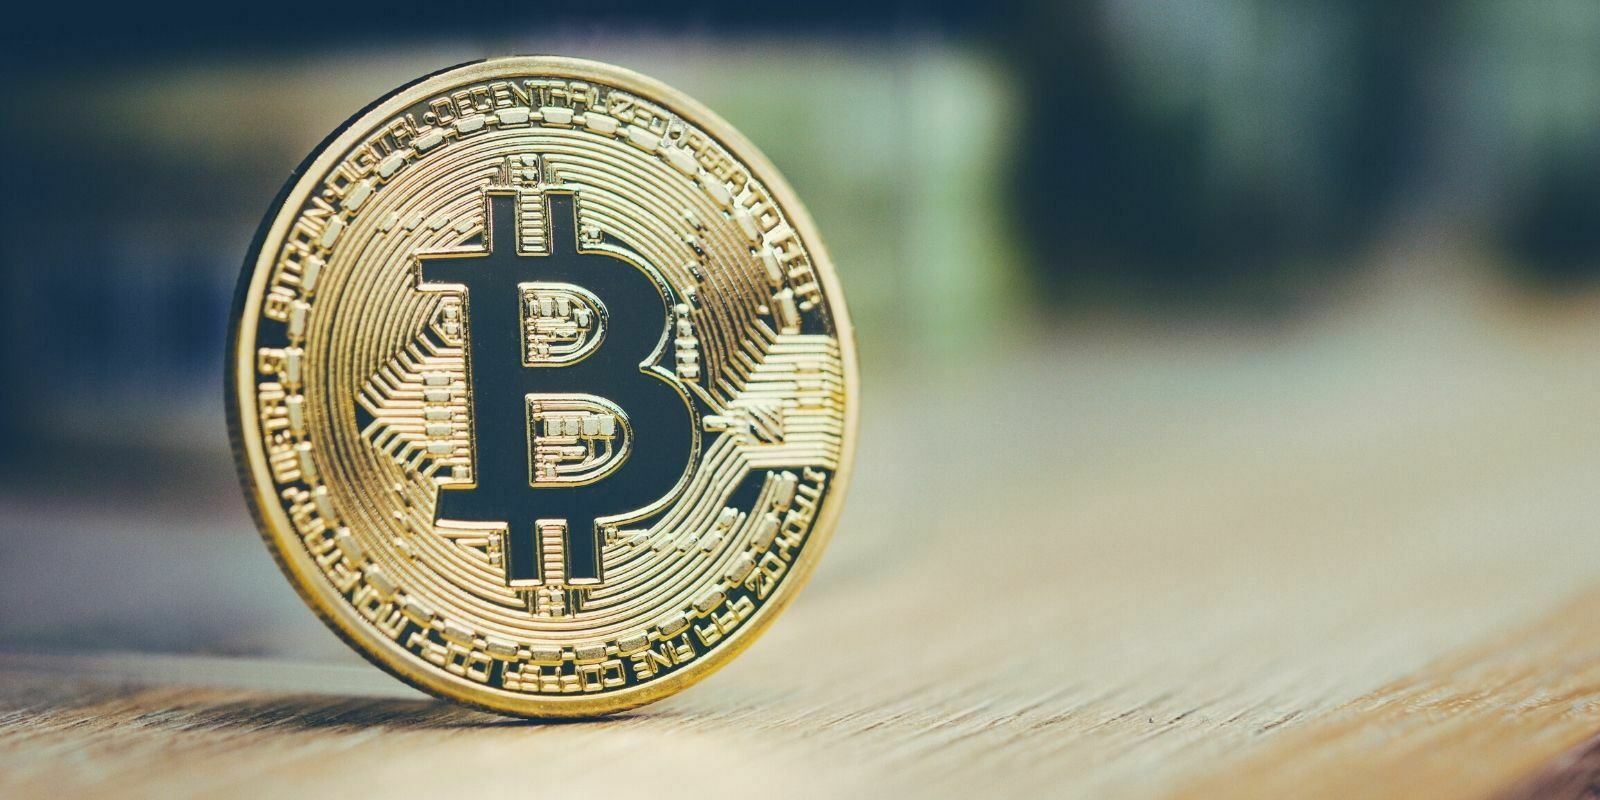 2 milliards de dollars en Bitcoin (BTC) sont désormais verrouillés dans la DeFi